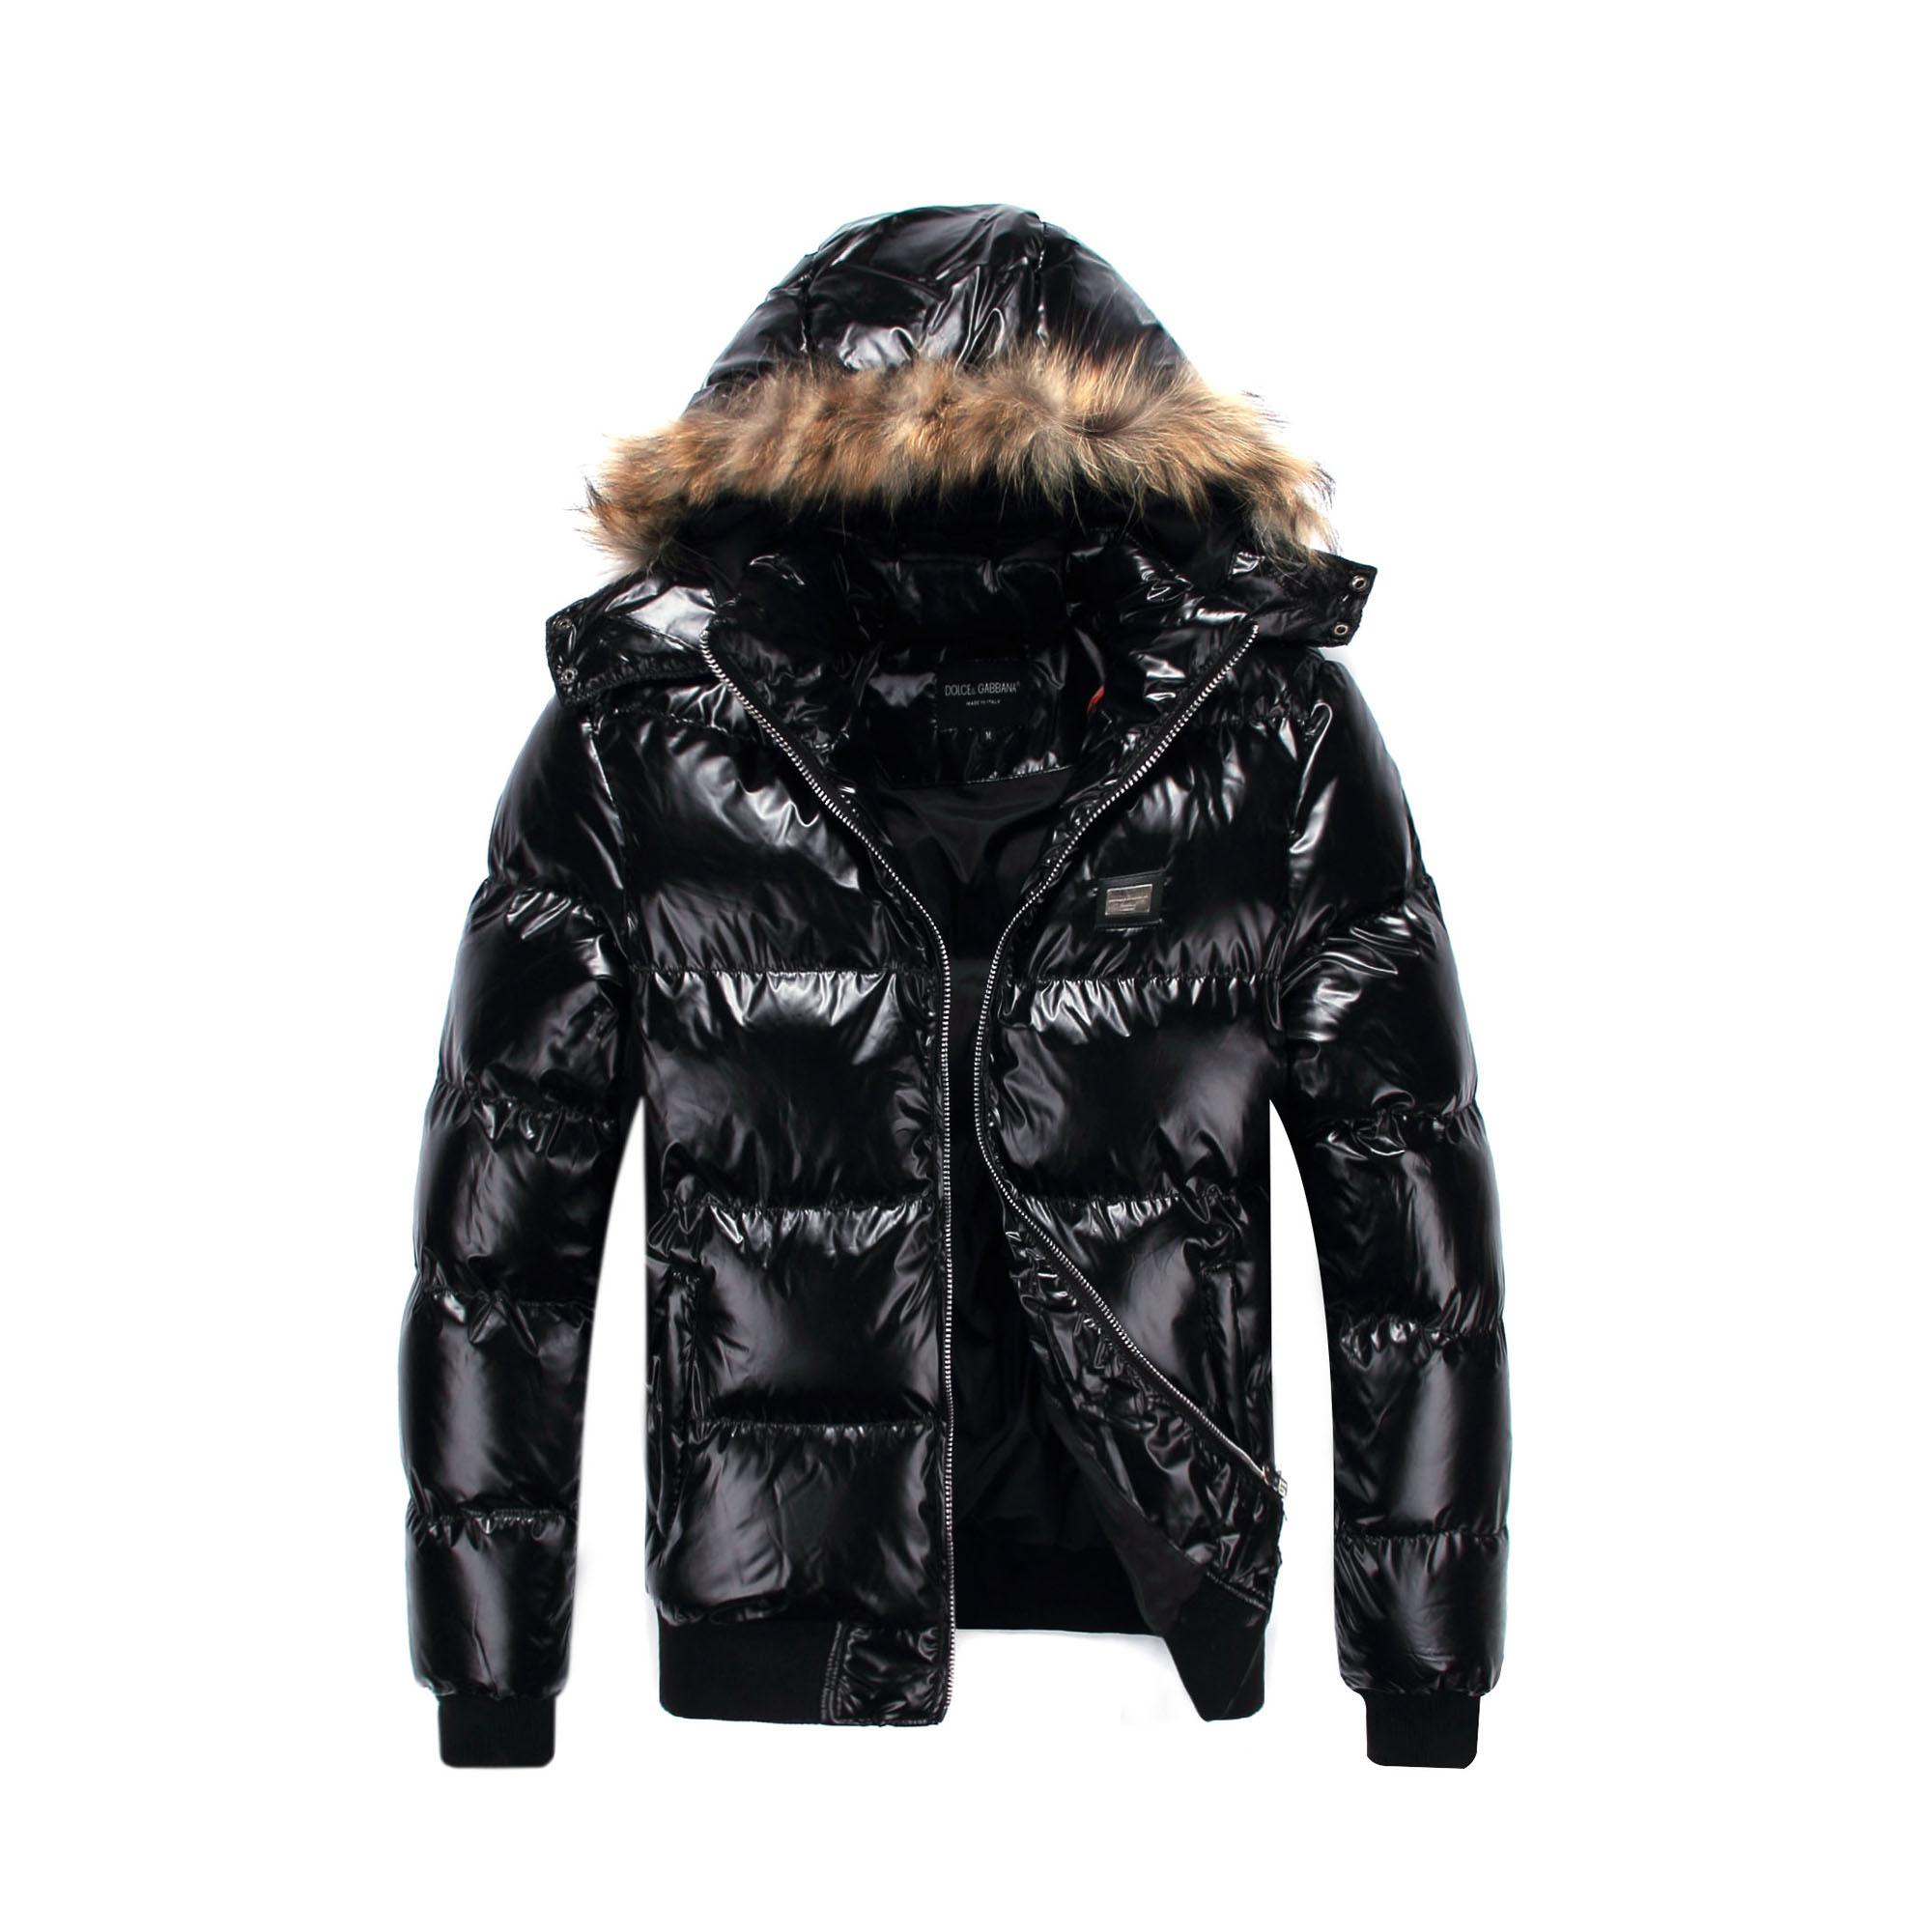 новый d мужчин 2015 Мягкий Хлопок Одежда для осень/зима Мужская куртка D1328